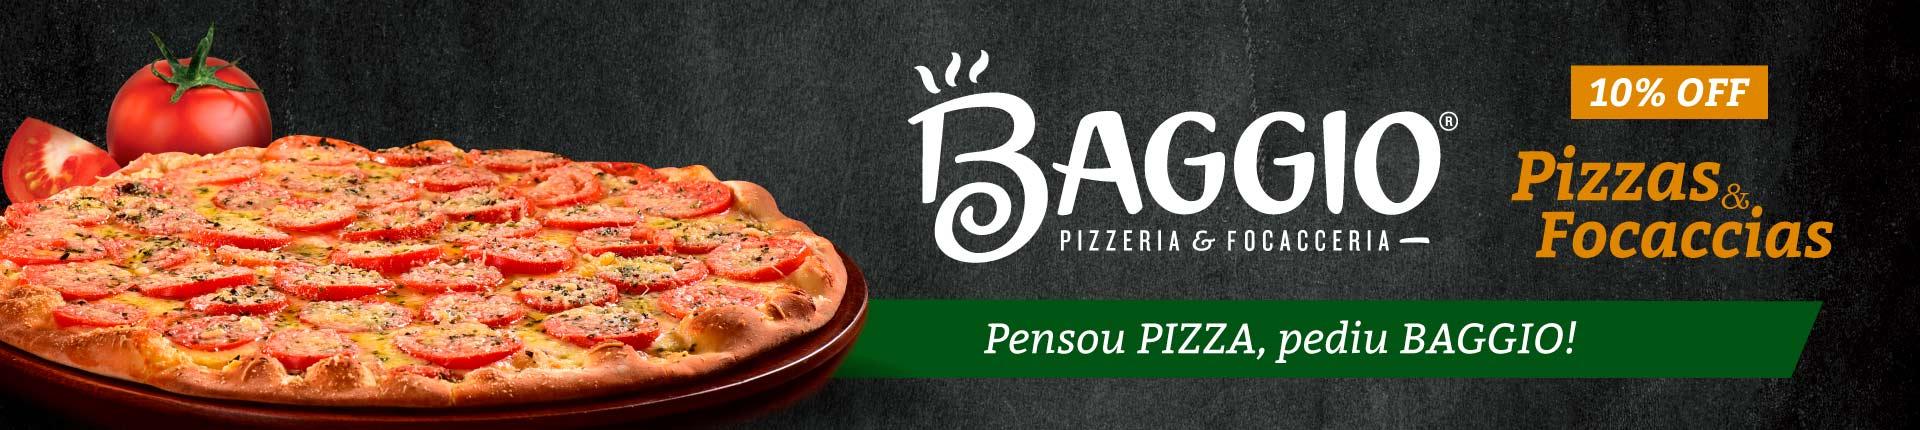 Pizzaria Baggio